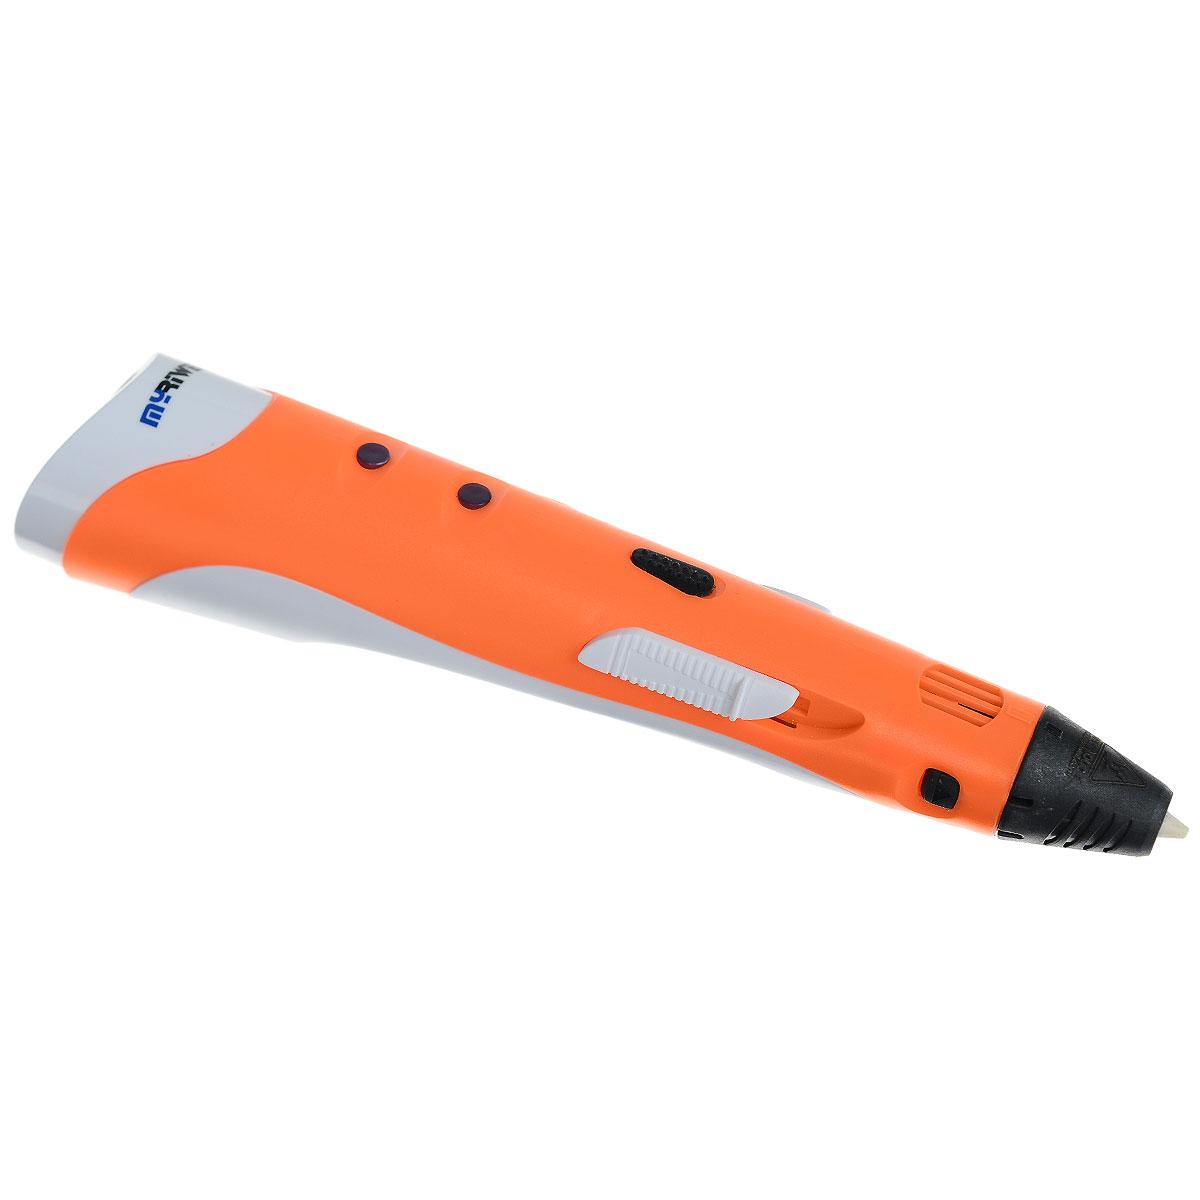 MyRiwell RP100A, Orange 3D ручкаУТ000006540MyRiwell RP100A - 3D-ручка, которая использует для рисования ABS пластик. Она может быть использована как:инструмент для развития воображения и пространственного мышления, для создания концептов, творческоговремя препровождения с членами семьи и друзьями, создания игрушек своими руками. С ее помощью можносоздать очень много интересных поделок, ведь она даже вертикально рисовать умеет. Новизна данного продуктадаёт её владельцу безграничные возможности для её применения. Ручка удобно лежит в руке, за счет новогоэргономичного дизайна. Блок питания имеет предохранитель, что позволяет защитить 3D ручку от перепадовнапряжения. Данная модель имеет функцию автоматического отключения, если не используется в течение 7минут. Для того чтобы ручка начала снова работать, нужно нажать на кнопку подачи пластика. Пользоваться 3D- ручкой могут дети от 8 лет.